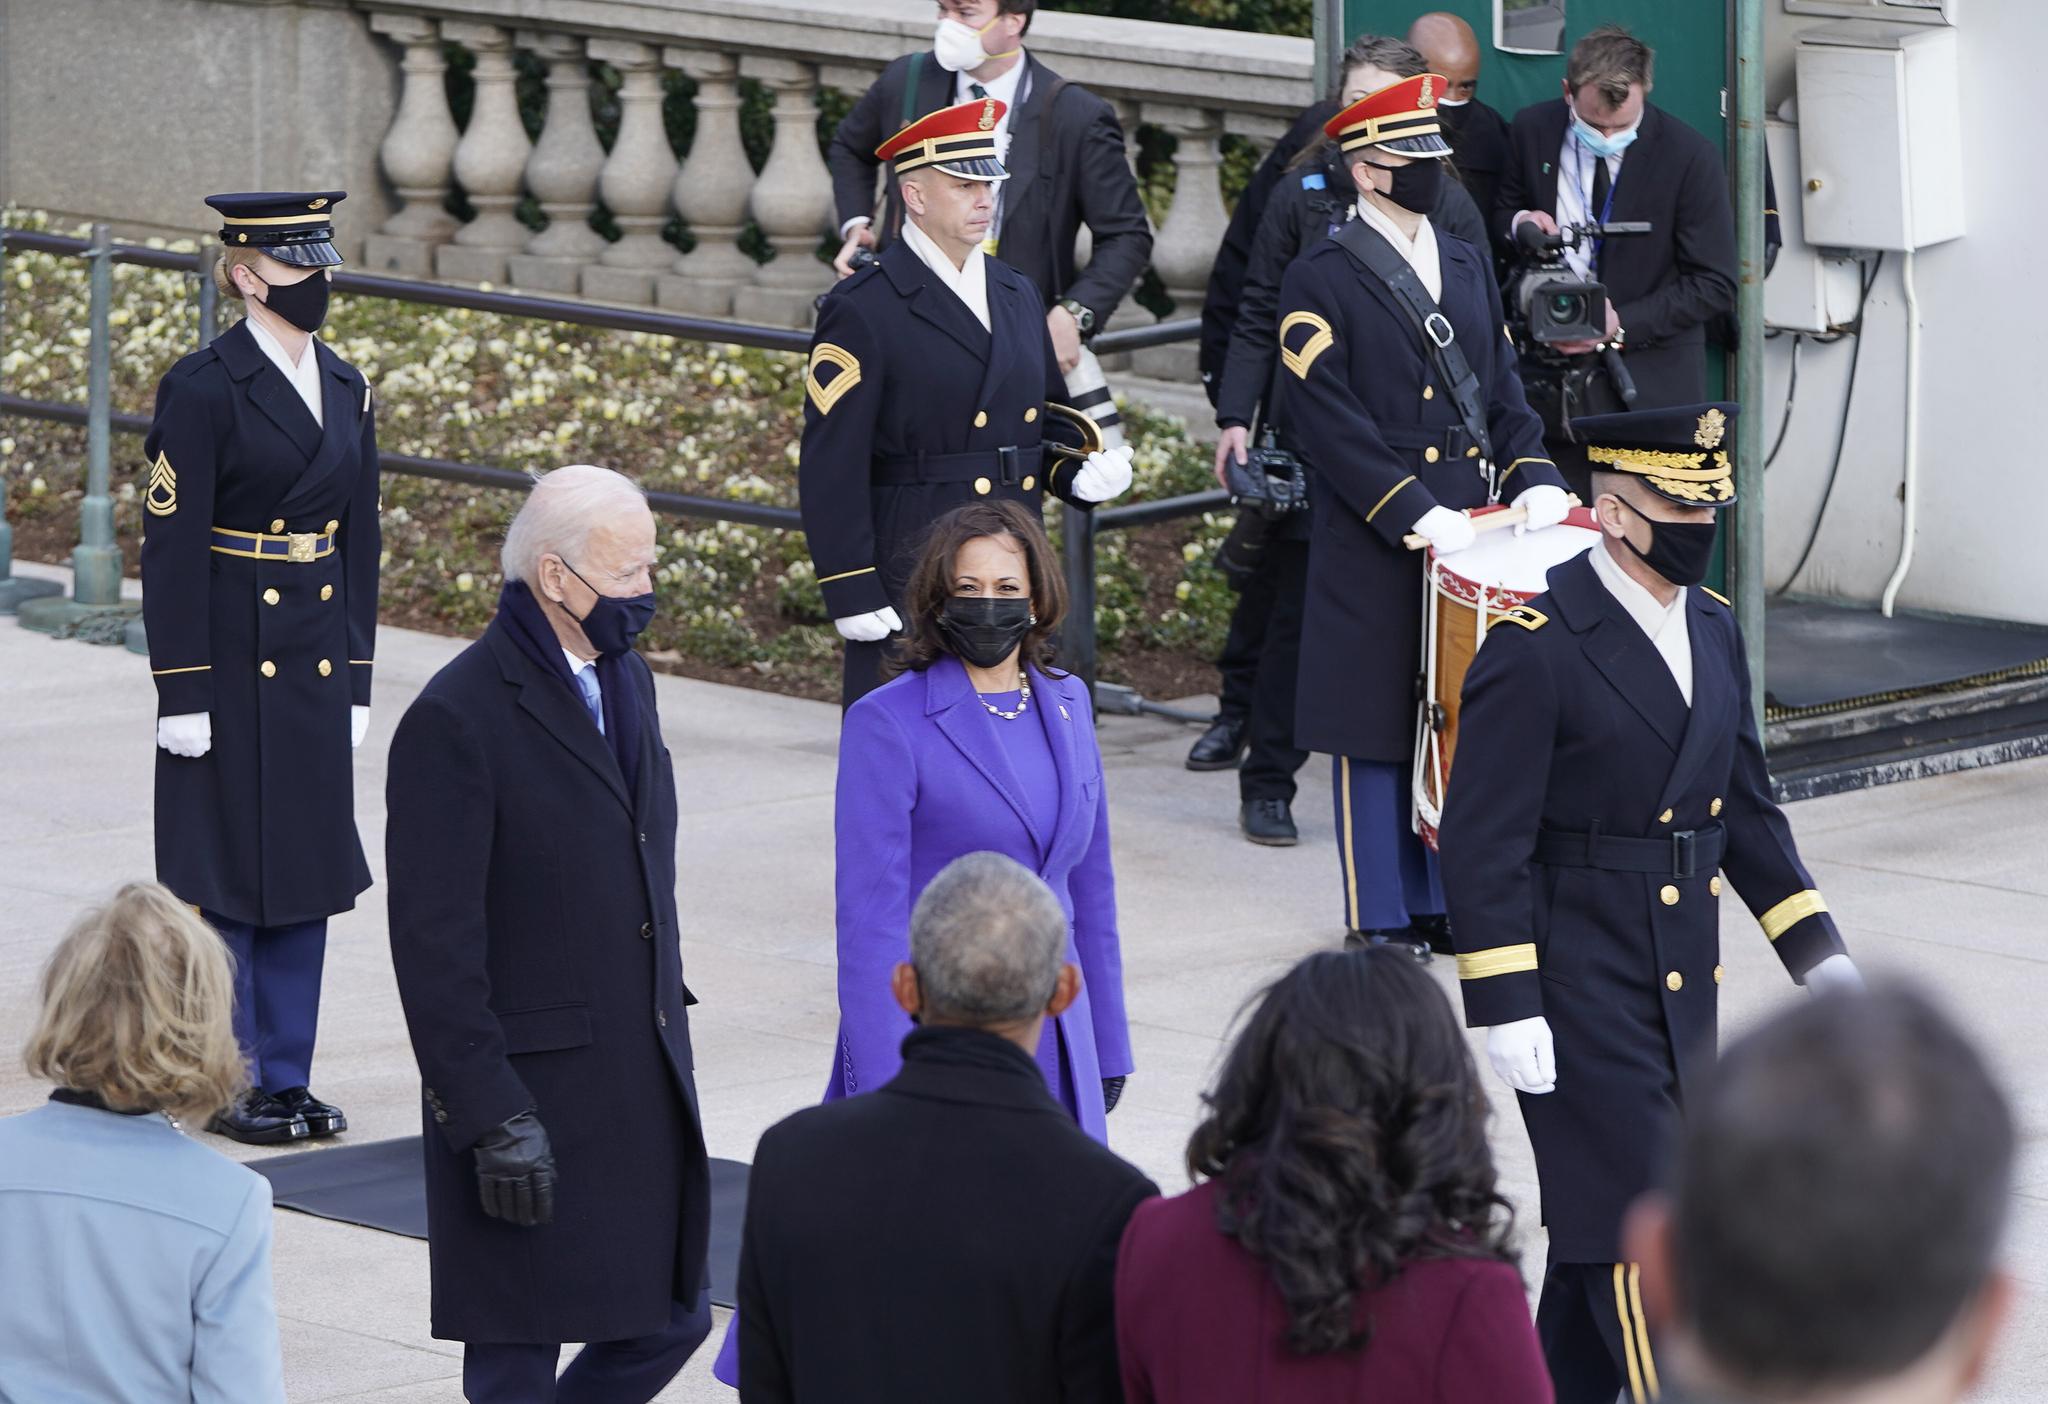 알링턴 국립묘지를 방문한 조 바이든 미국 대통령과 카멀라 해리스 부통령. AP=연합뉴스